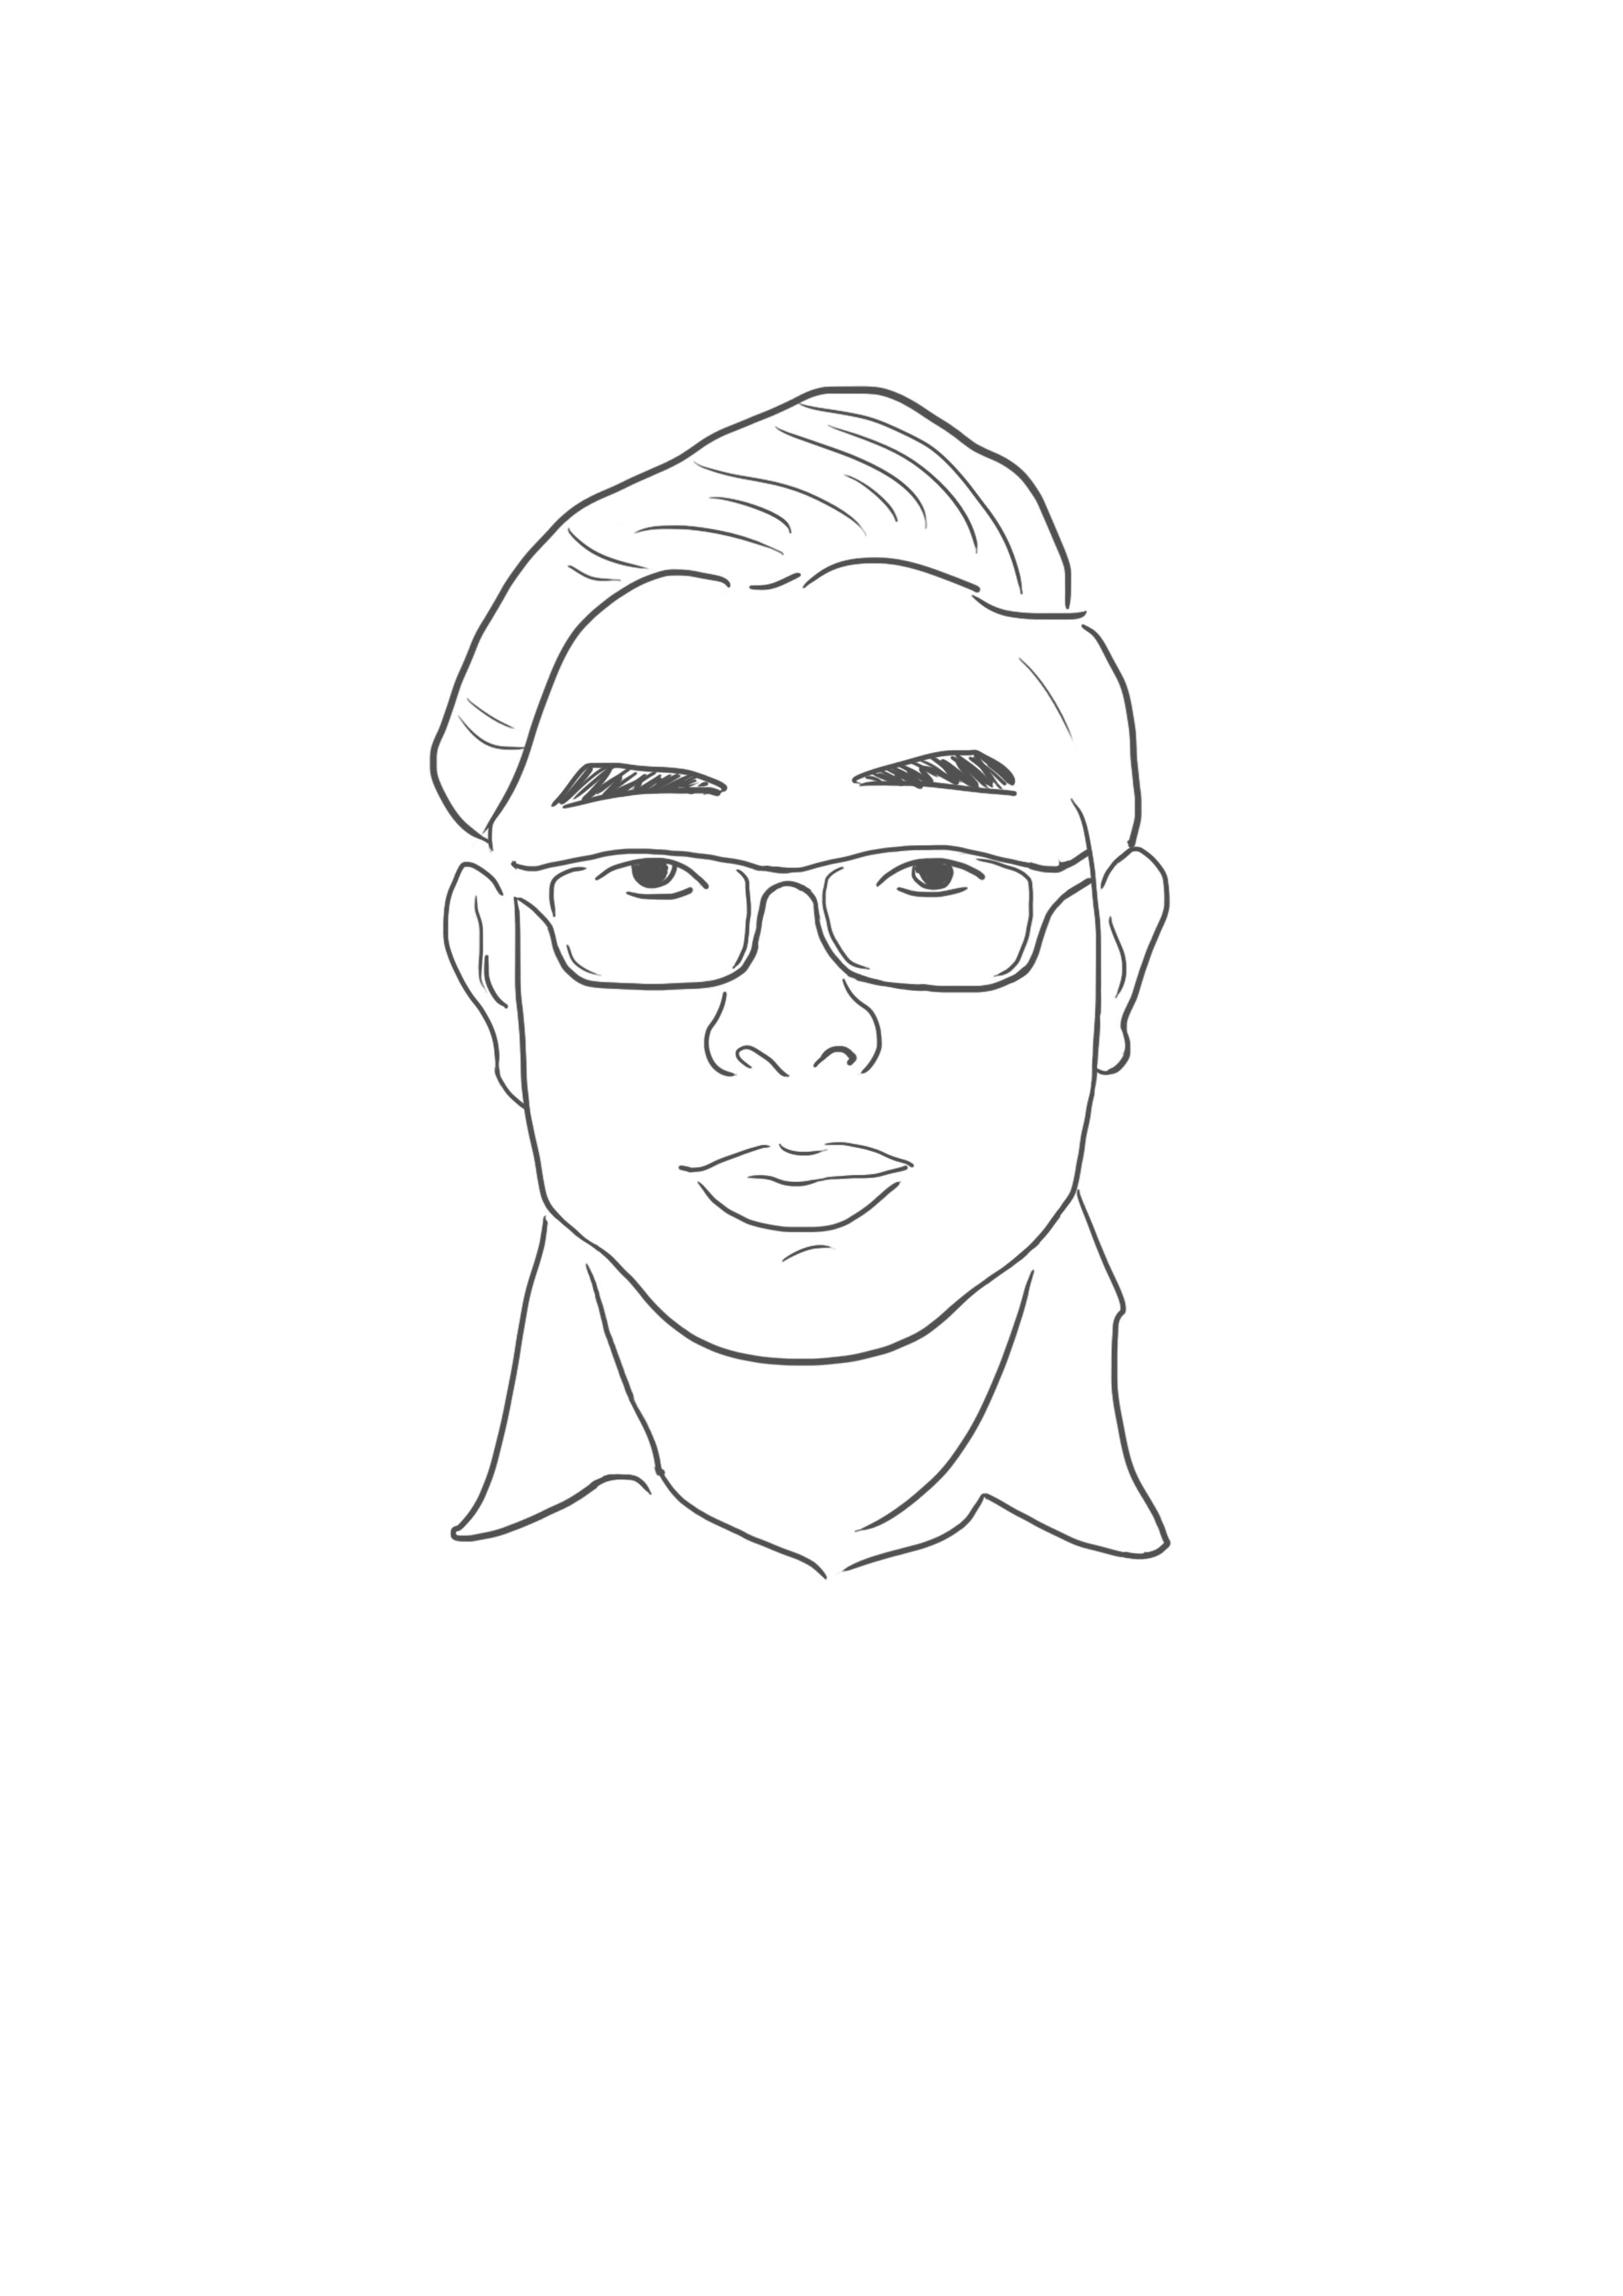 朋友名片需要一个肖像简笔画